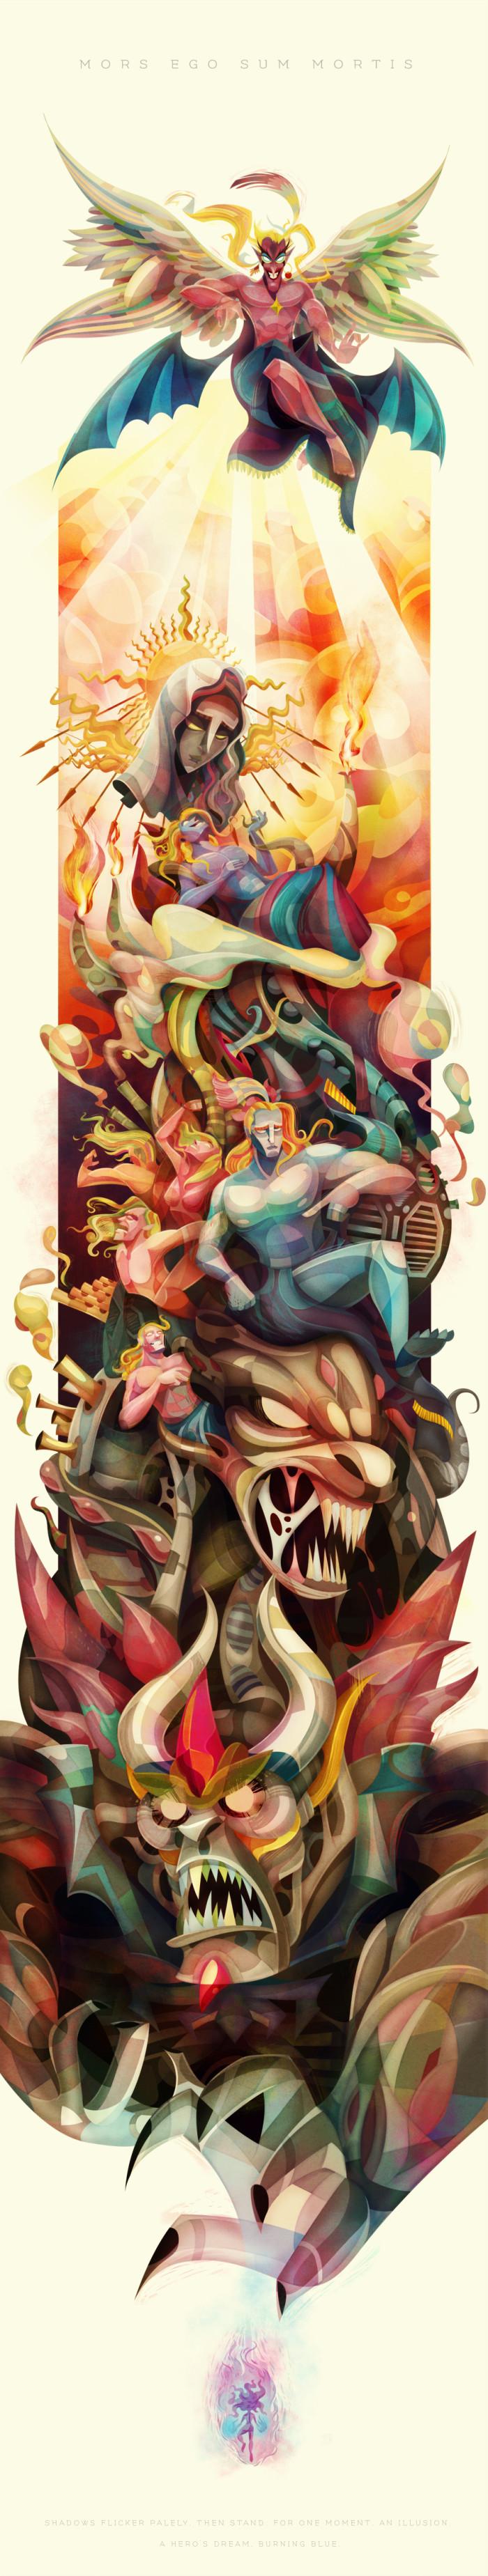 Ilustracion carlos lerma Kefka Final Fantasy VI